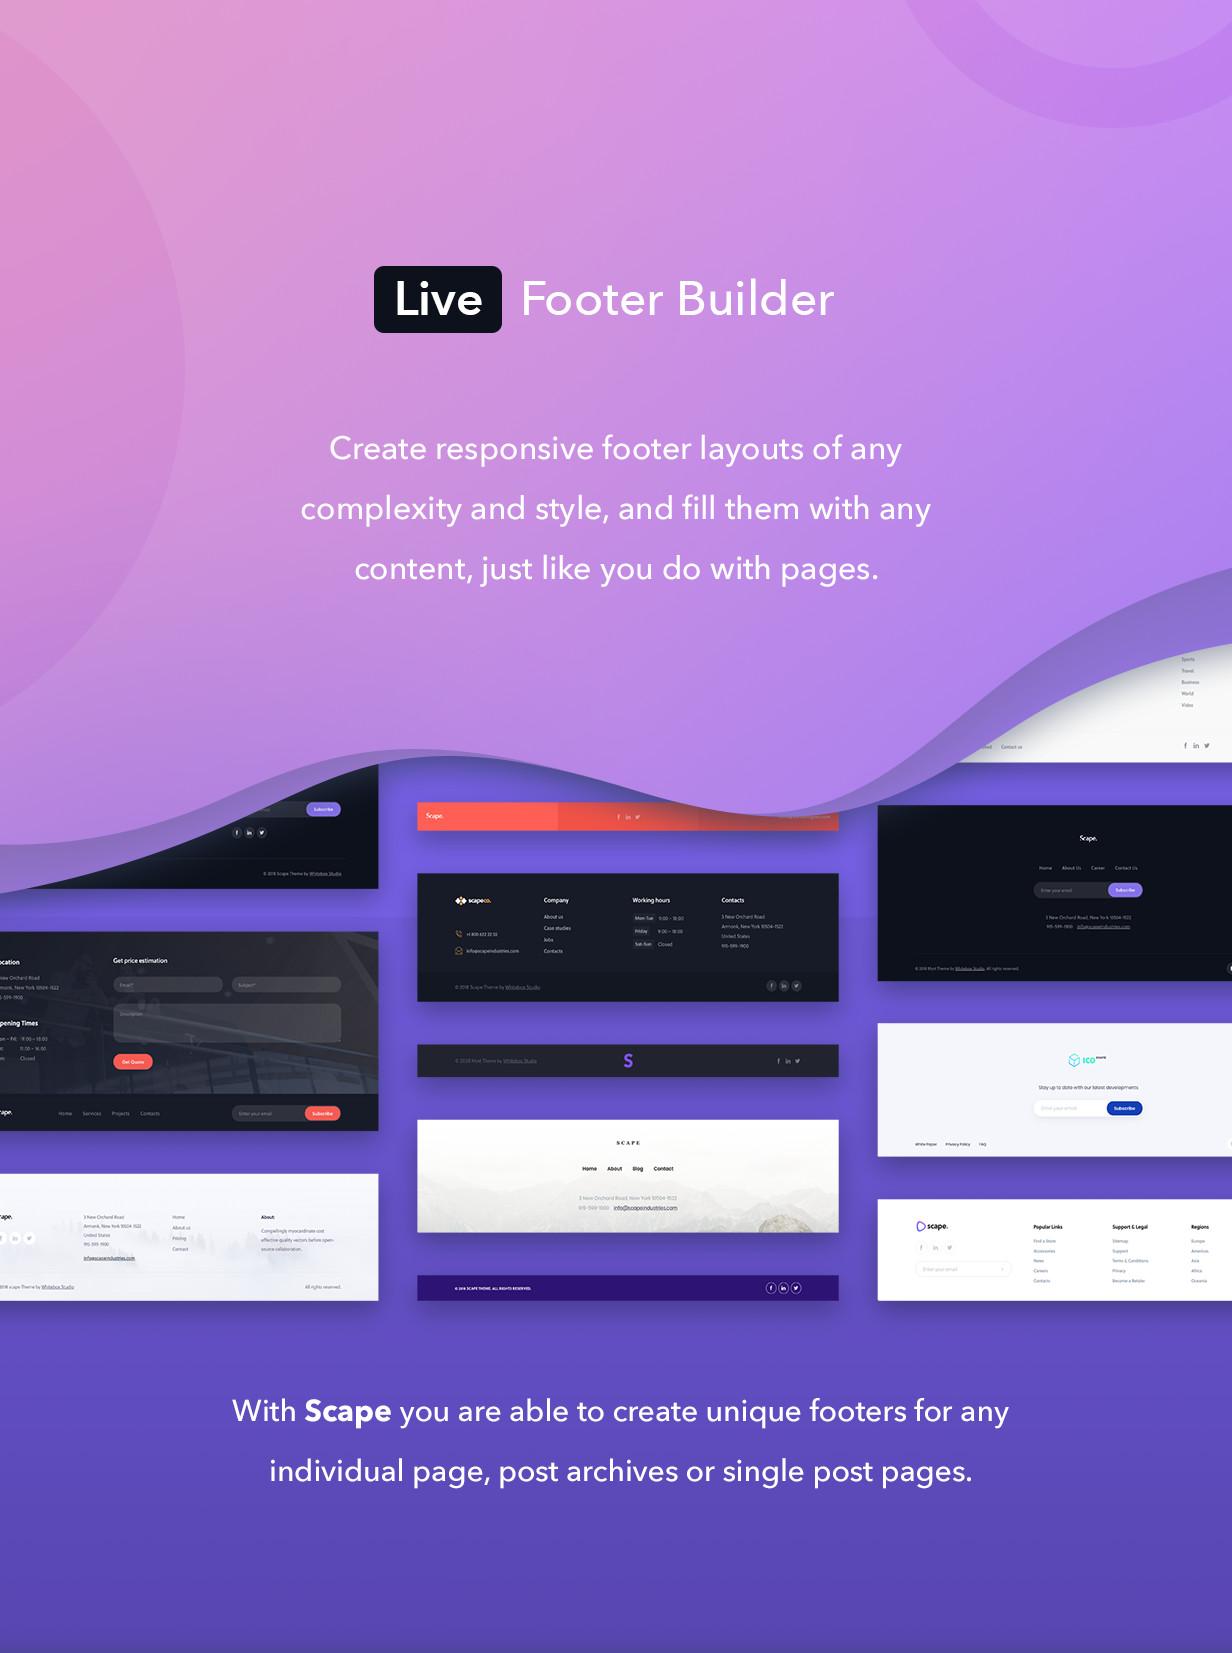 Live footer builder